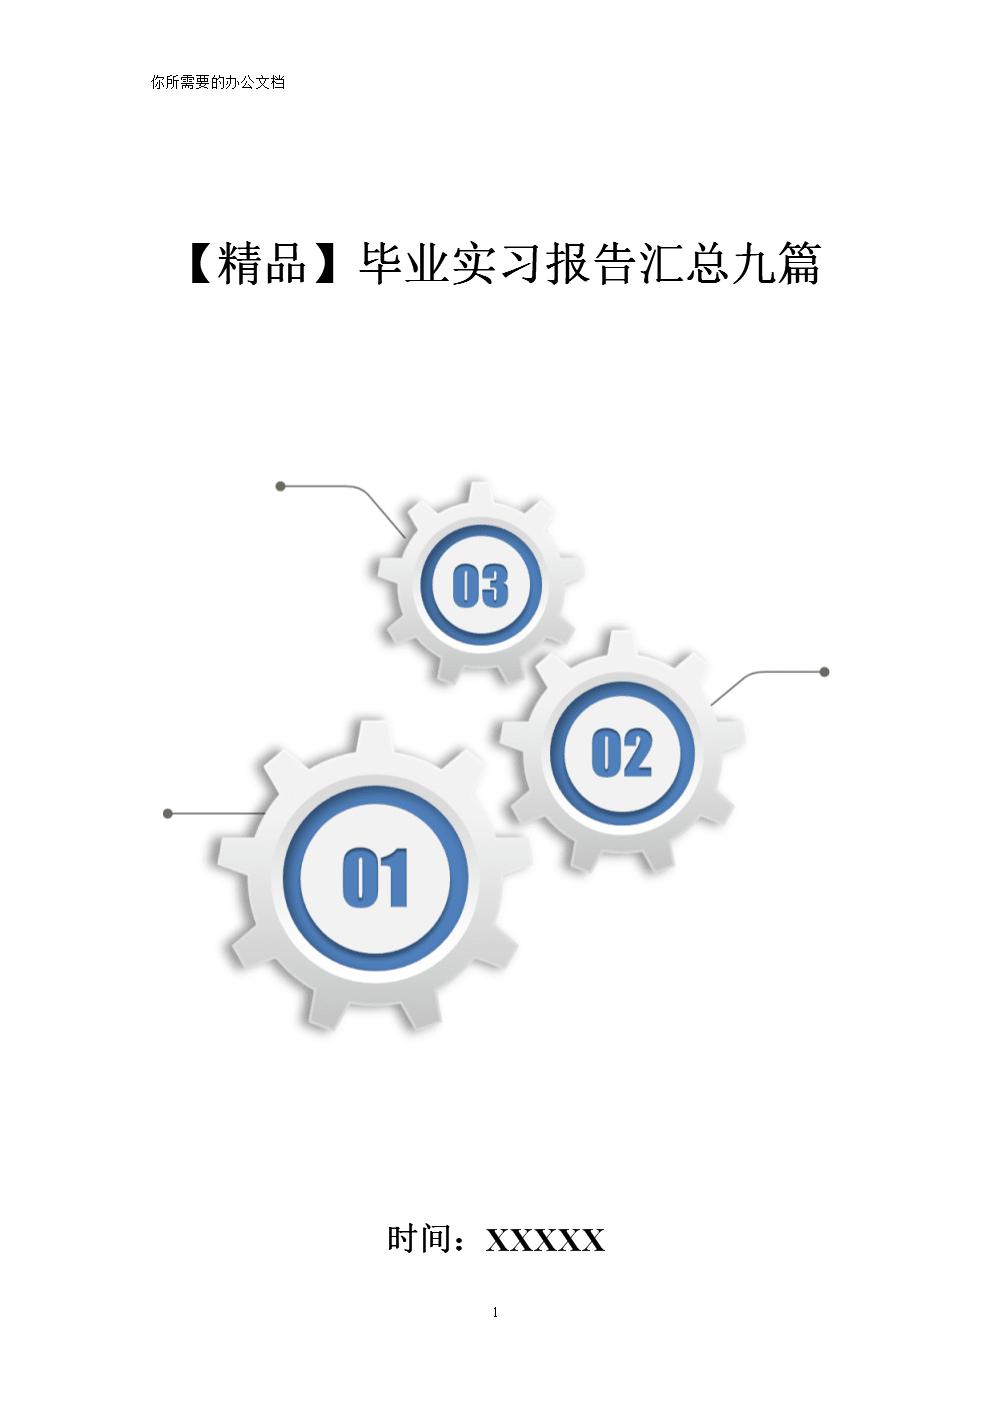 【精品】毕业实习报告汇总九篇.doc